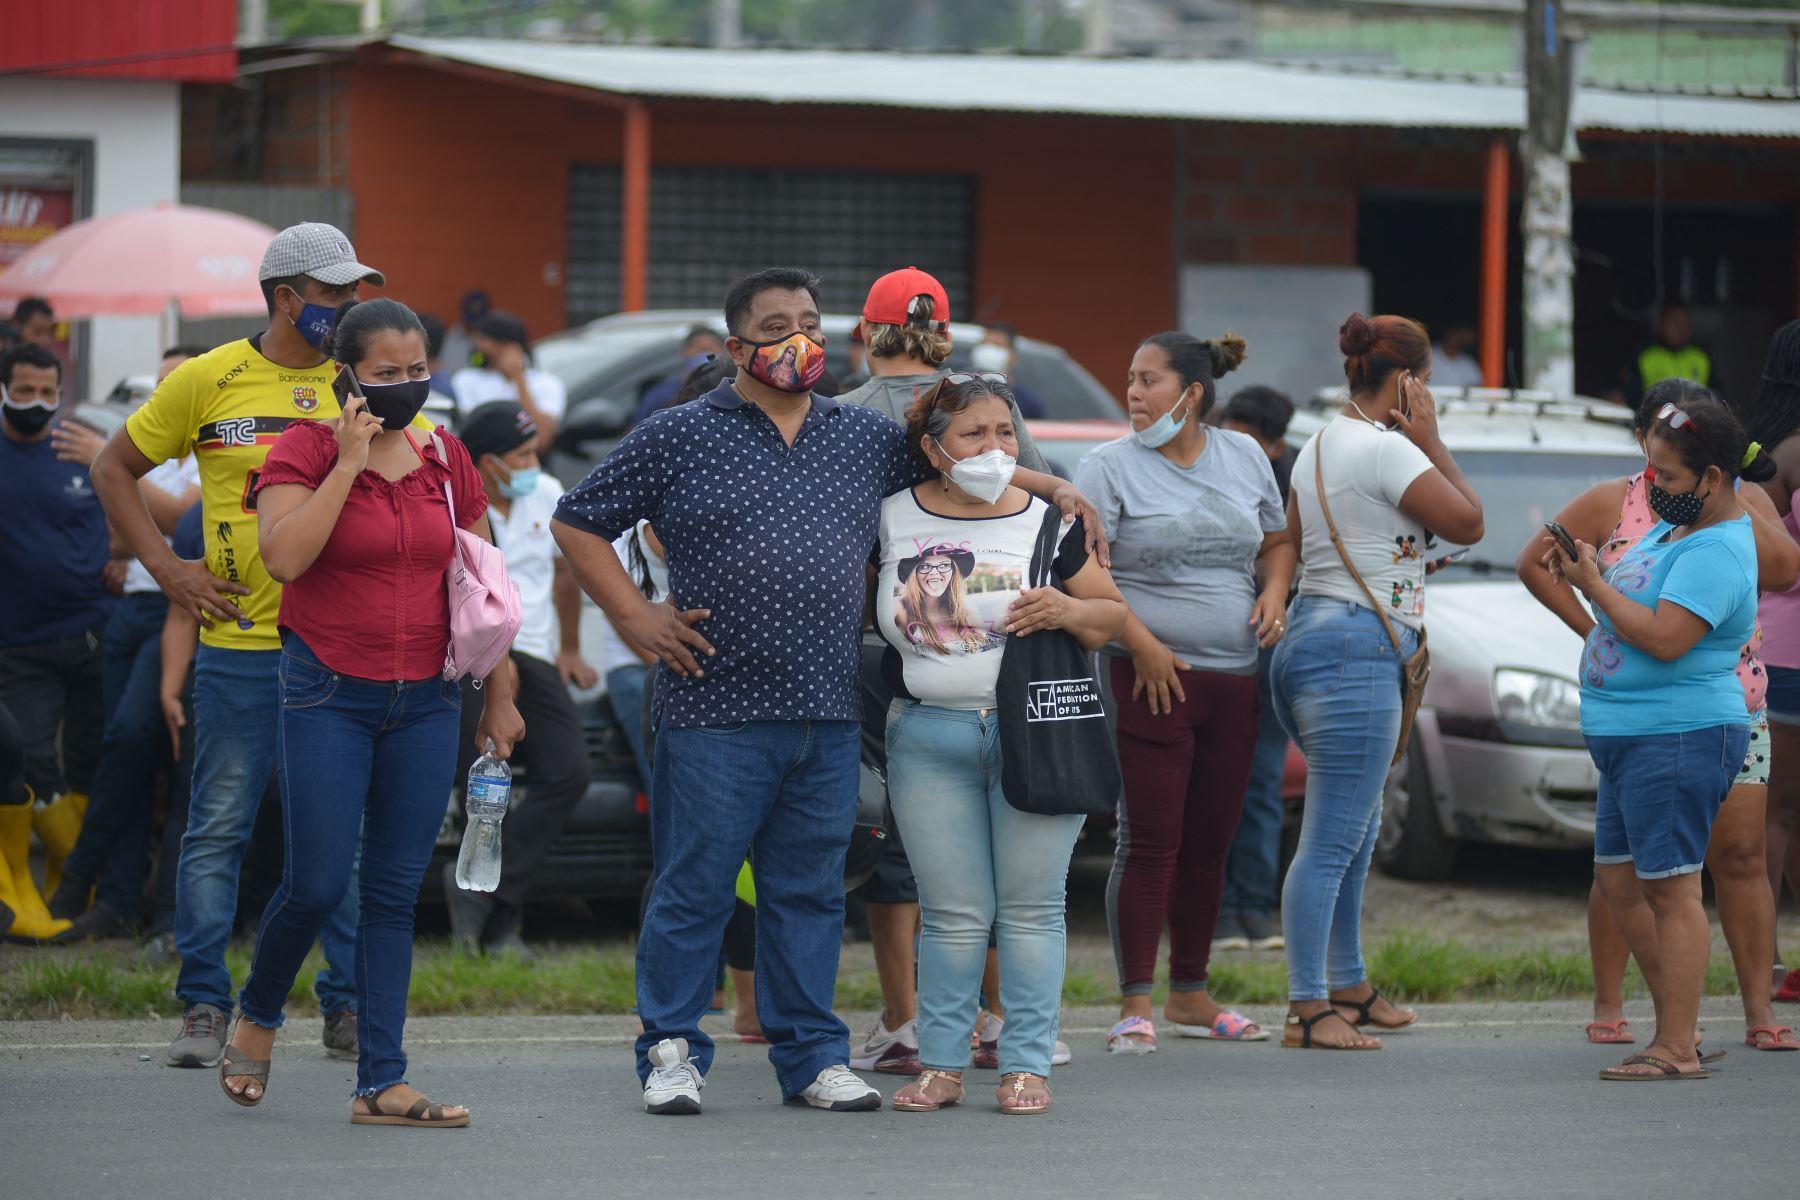 Los familiares de los presos en el Centro de Privación de Libertad Zona 8 son vistos mientras esperan noticias, en Guayaquil, Ecuador. Al menos 50 presos murieron en disturbios en tres cárceles en Ecuador. Foto: AFP